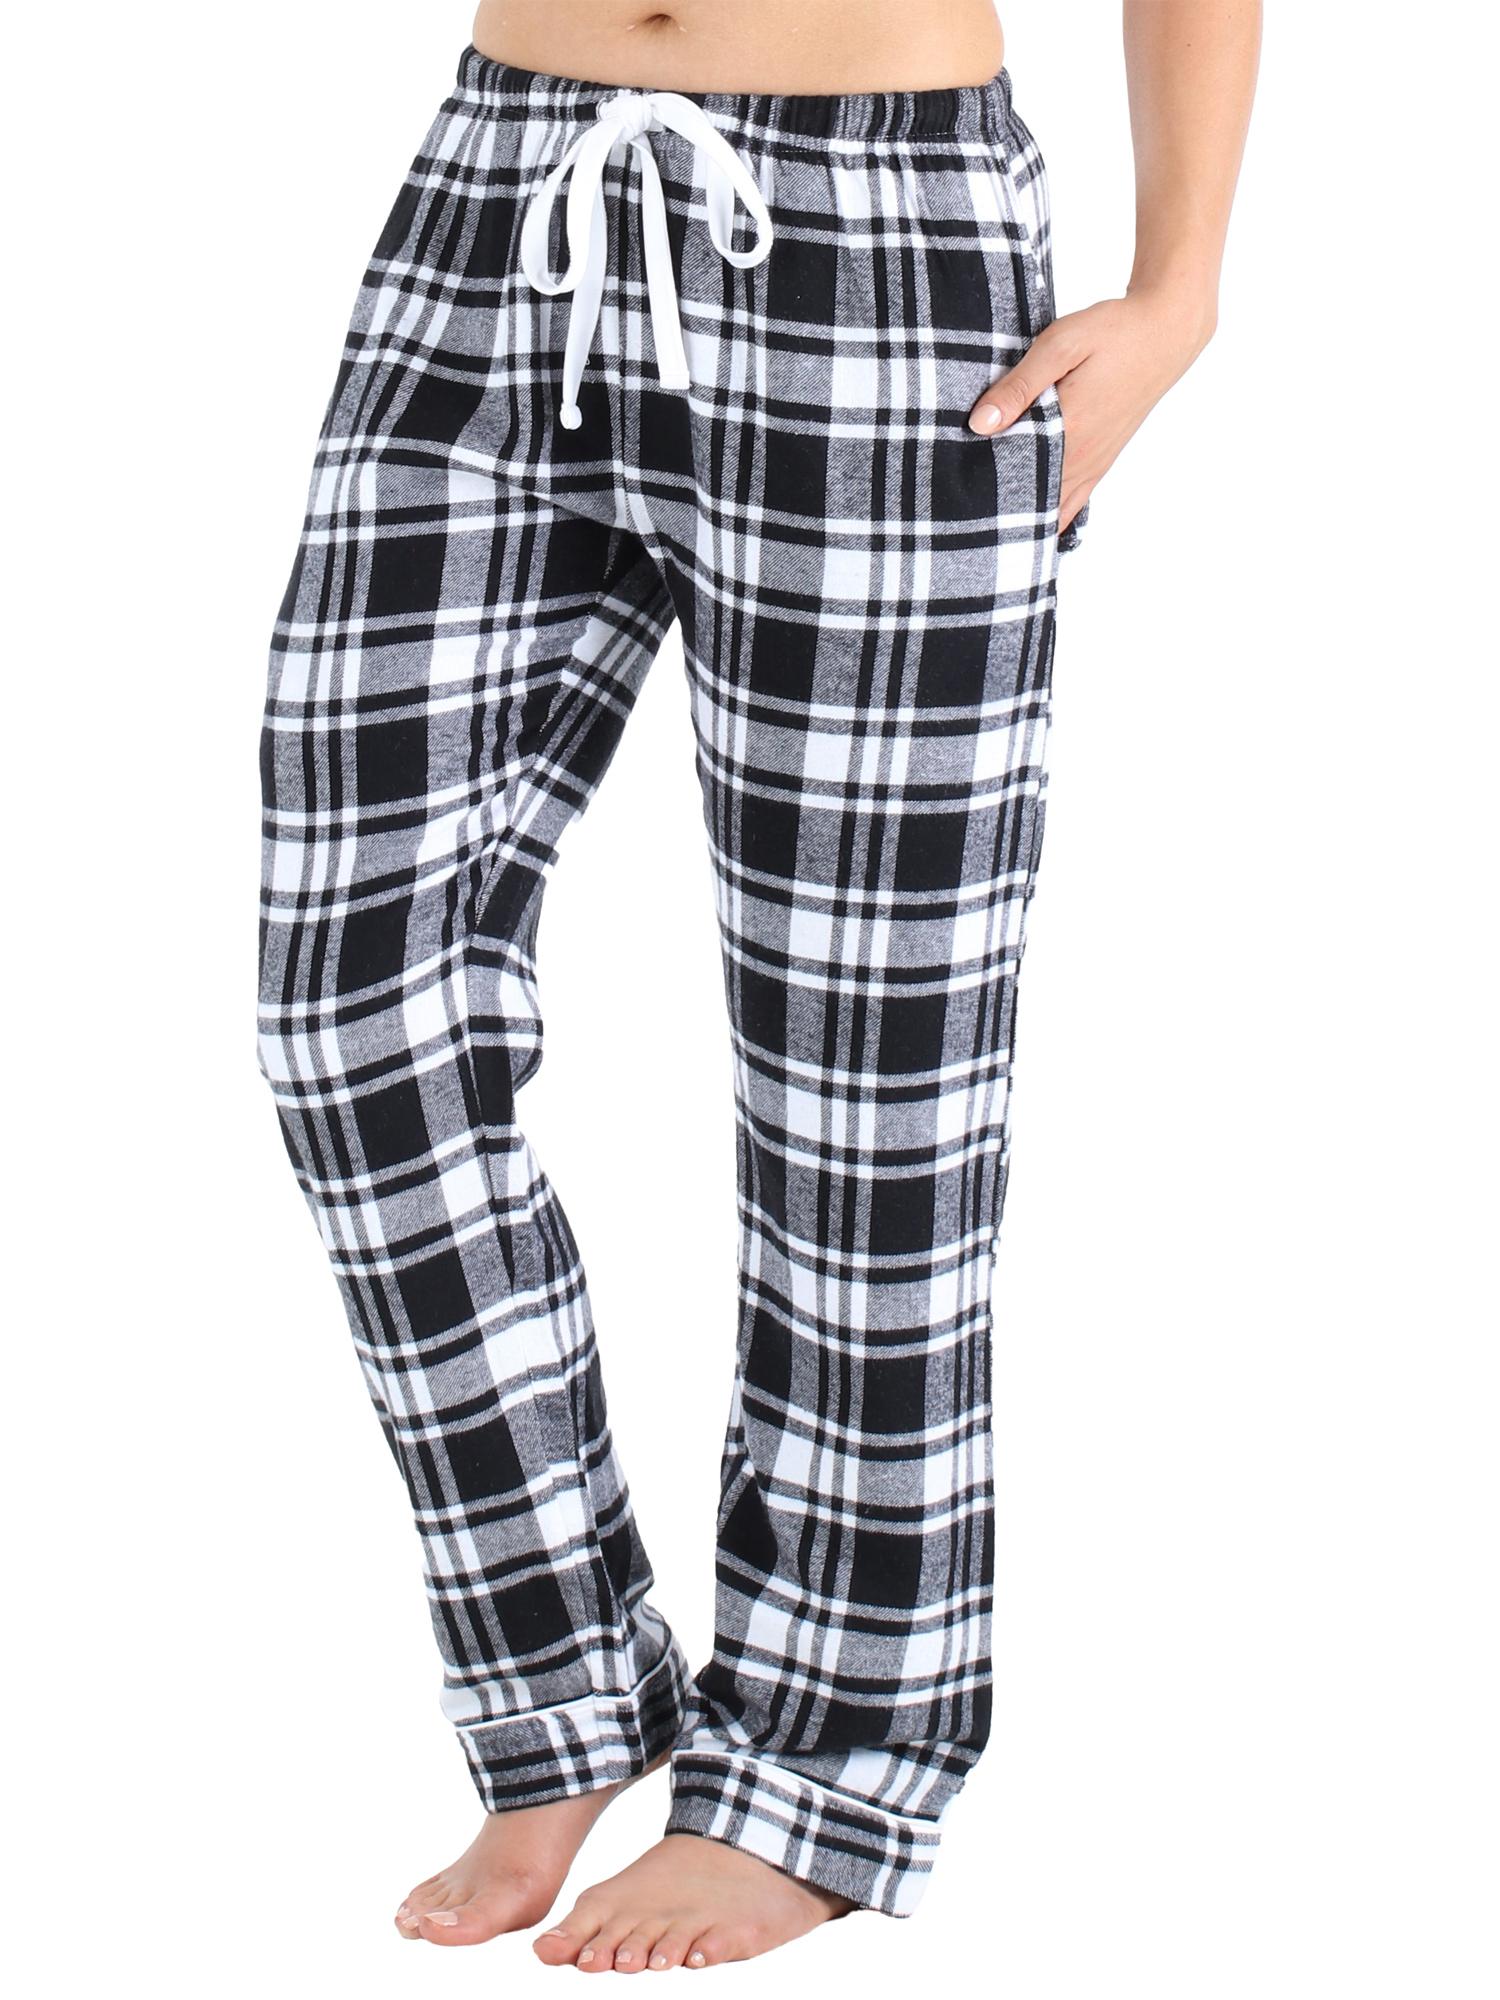 PajamaMania Women/'s Cotton Flannel Pajama PJ Pants